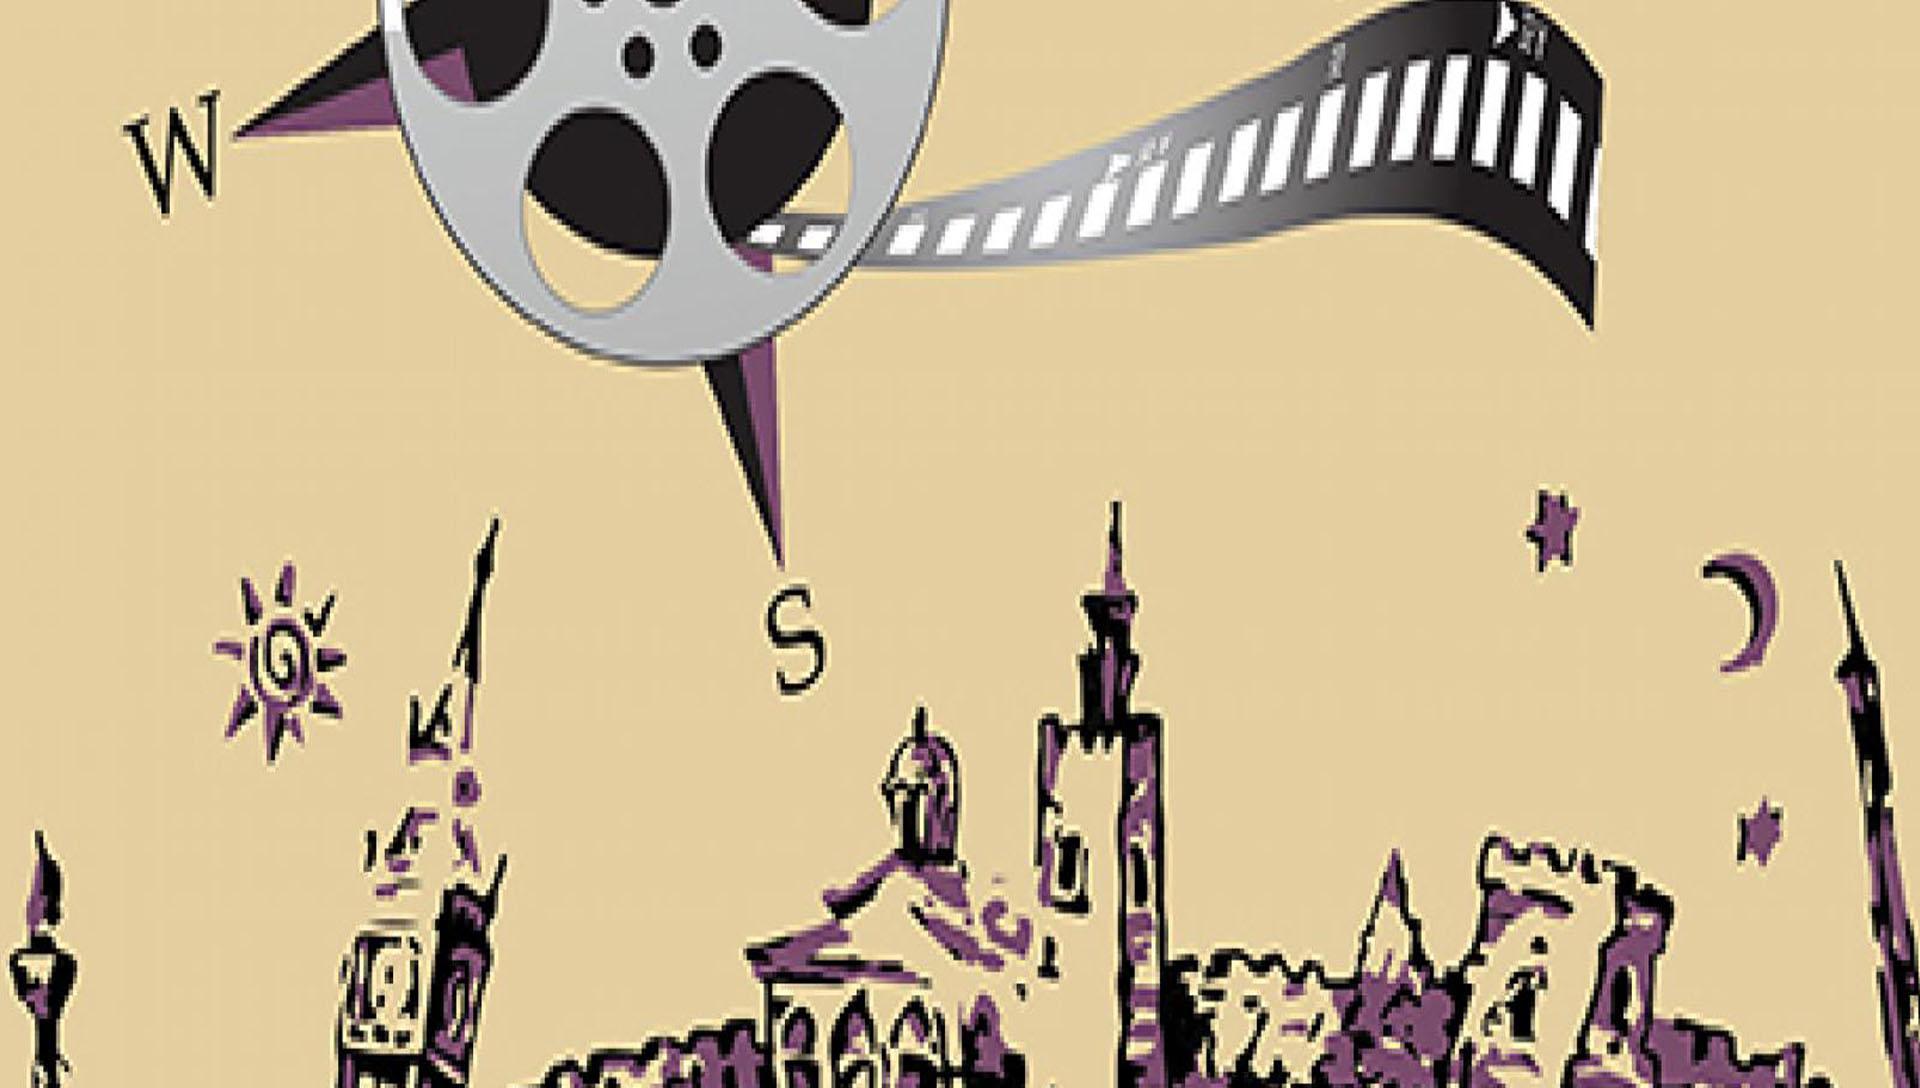 خدمات فیلم سازی زوم پس تولید ، شرکت خدمات سینمایی زوم ، برادران شریفی